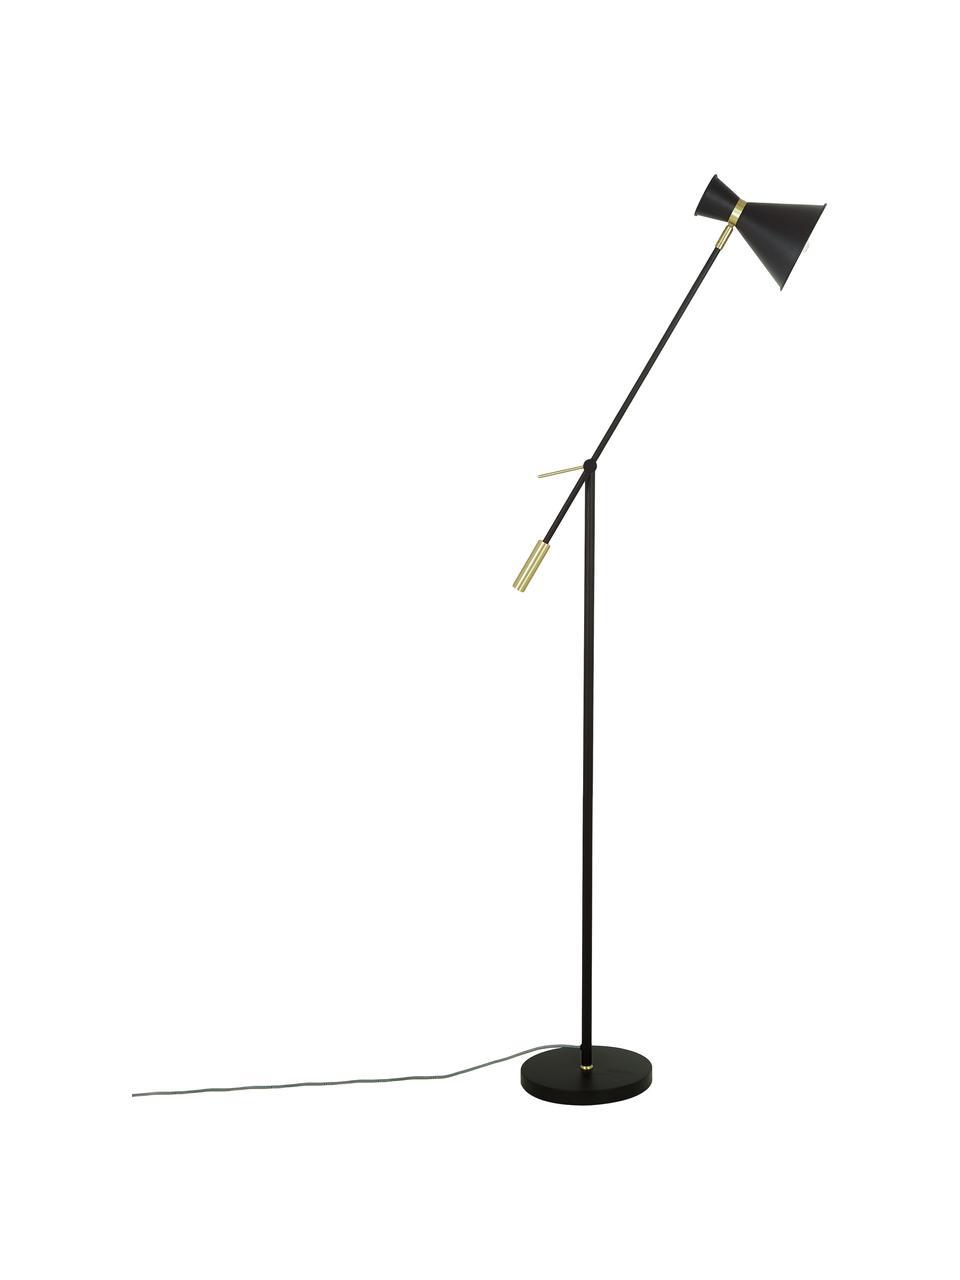 Lampada da lettura in metallo Audrey, Paralume: Metallo verniciato a polv, Base della lampada: Metallo verniciato a polv, Nero opaco, Ø 18 x Alt. 145 cm